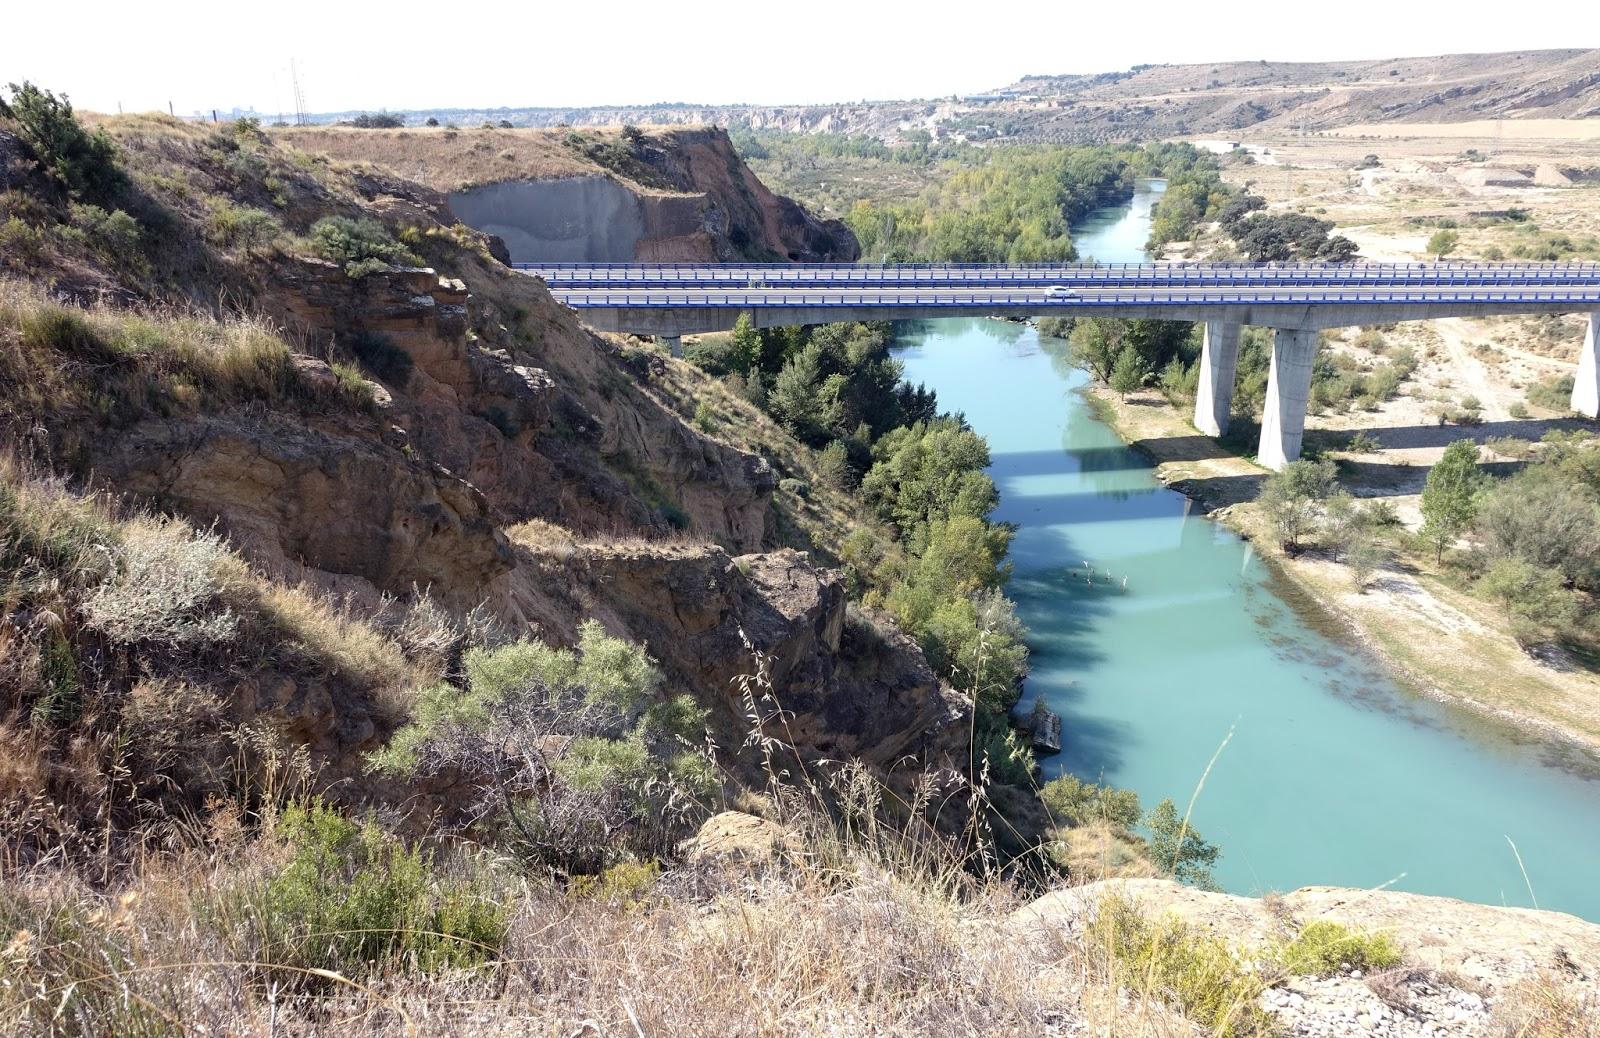 Blog impreso en piedra el principio de los tiempos for Terrazas fluviales